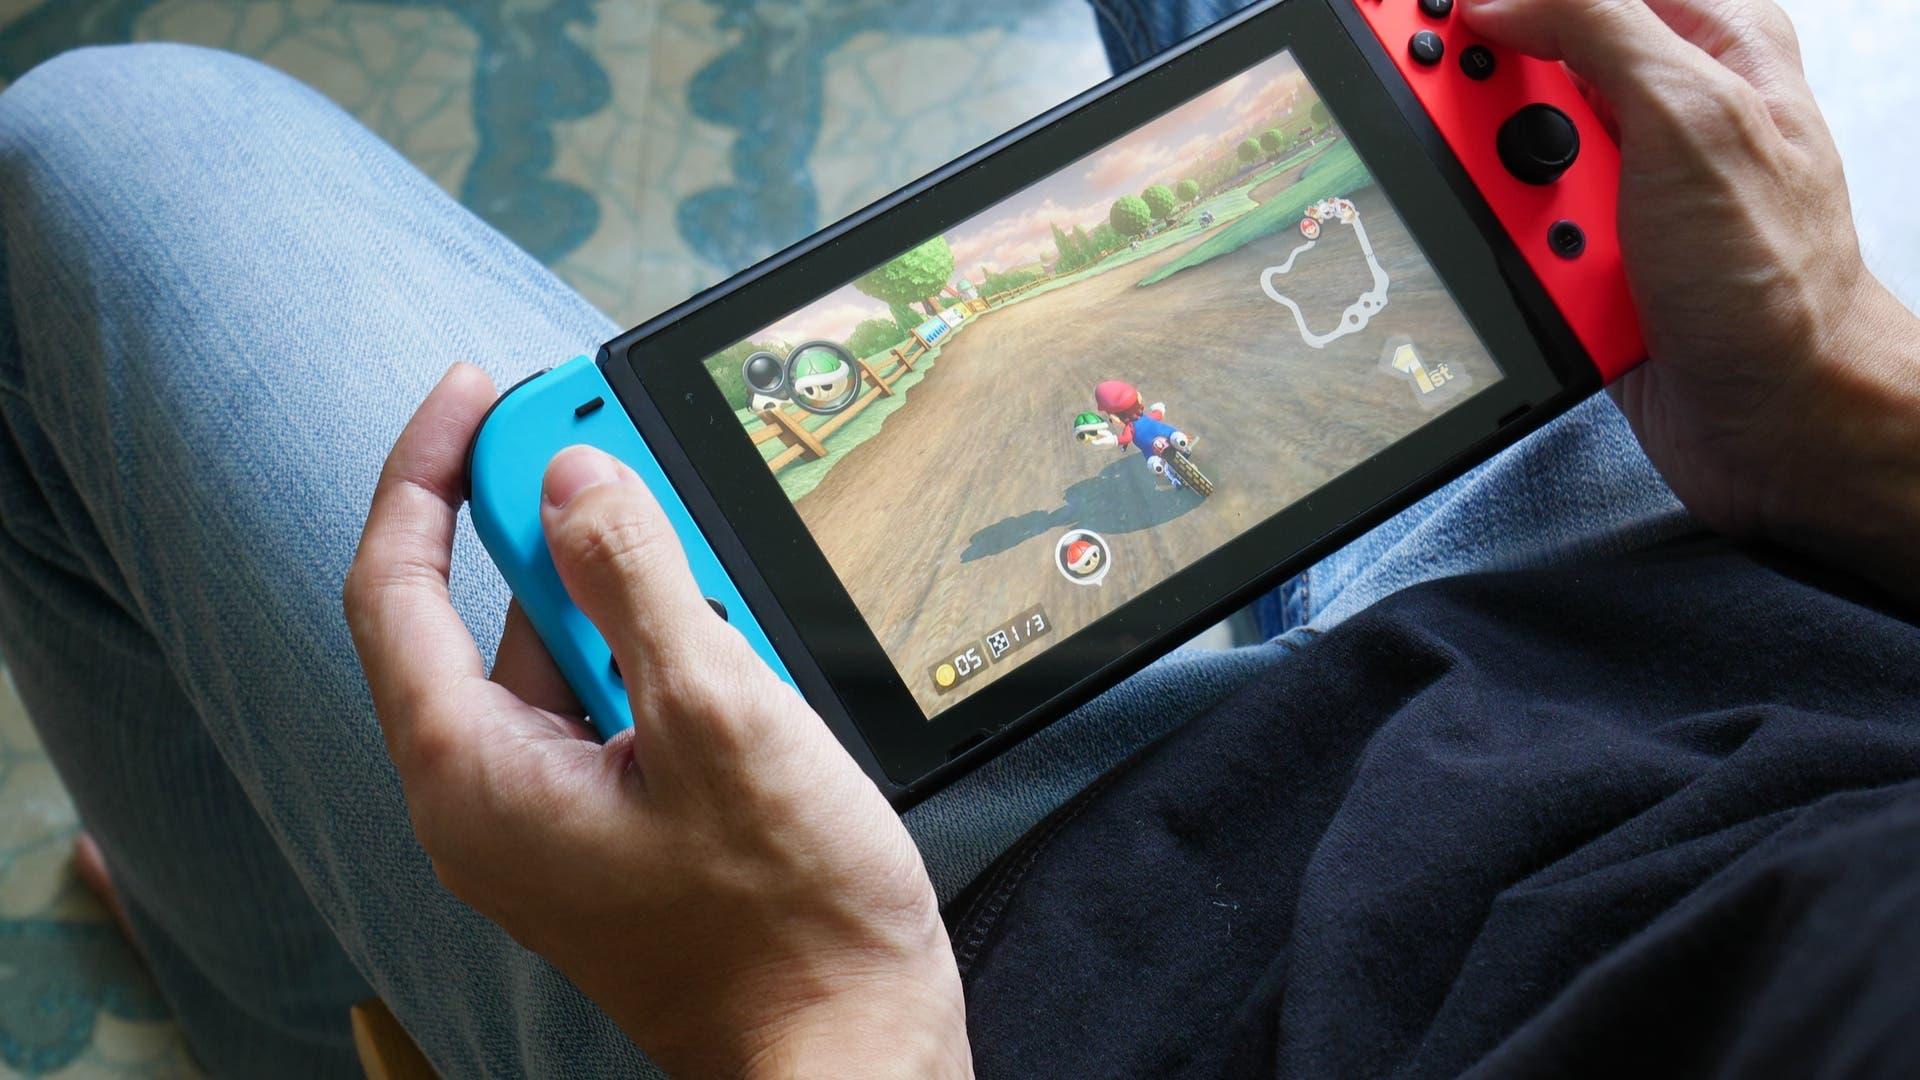 Nintendo no descarta escasez de Switch en las tiendas si la demanda continúa siendo tan alta